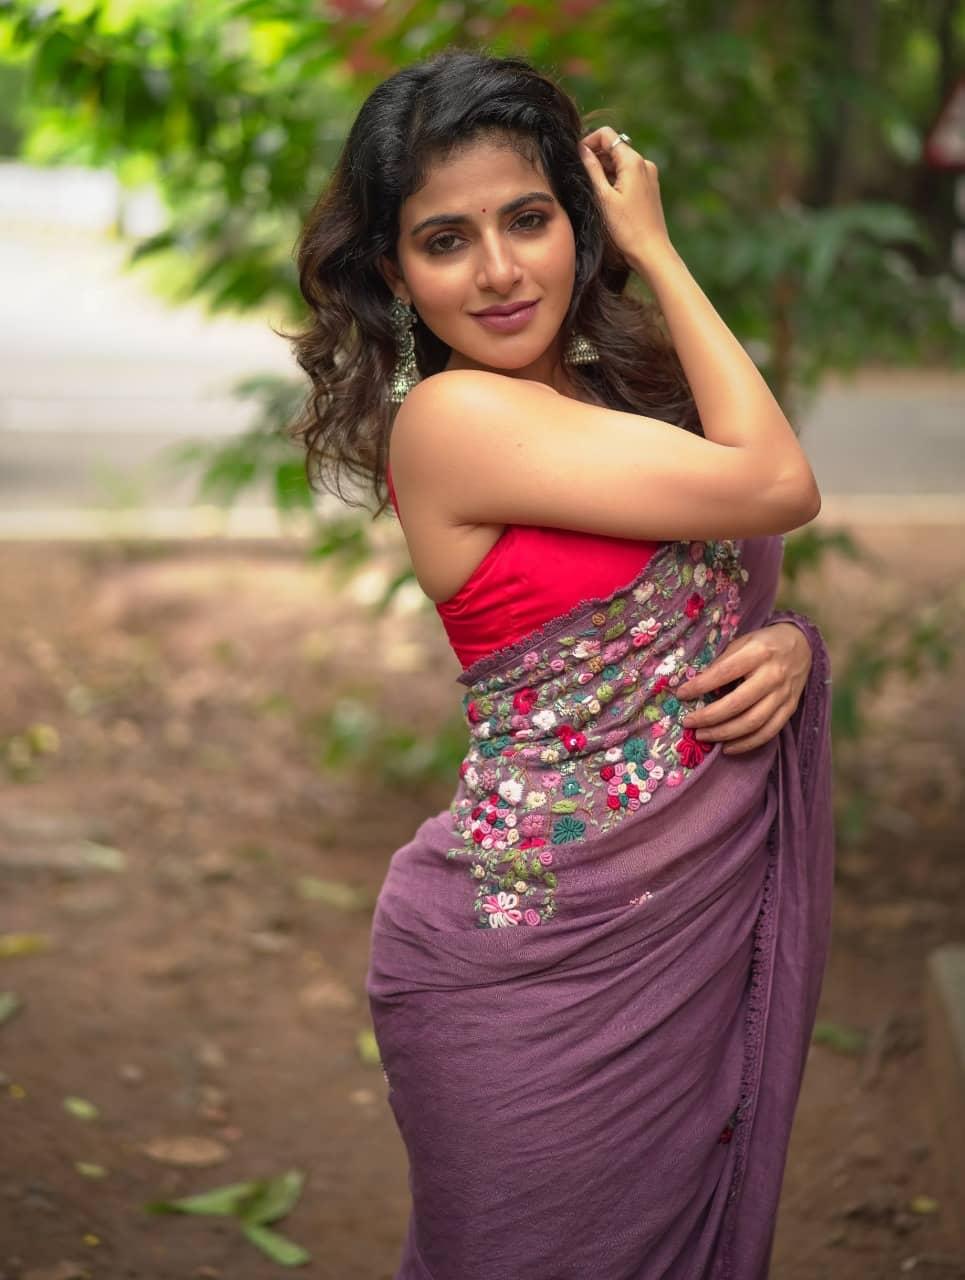 Actress Iswarya Menon hot Photos gallery cum biography